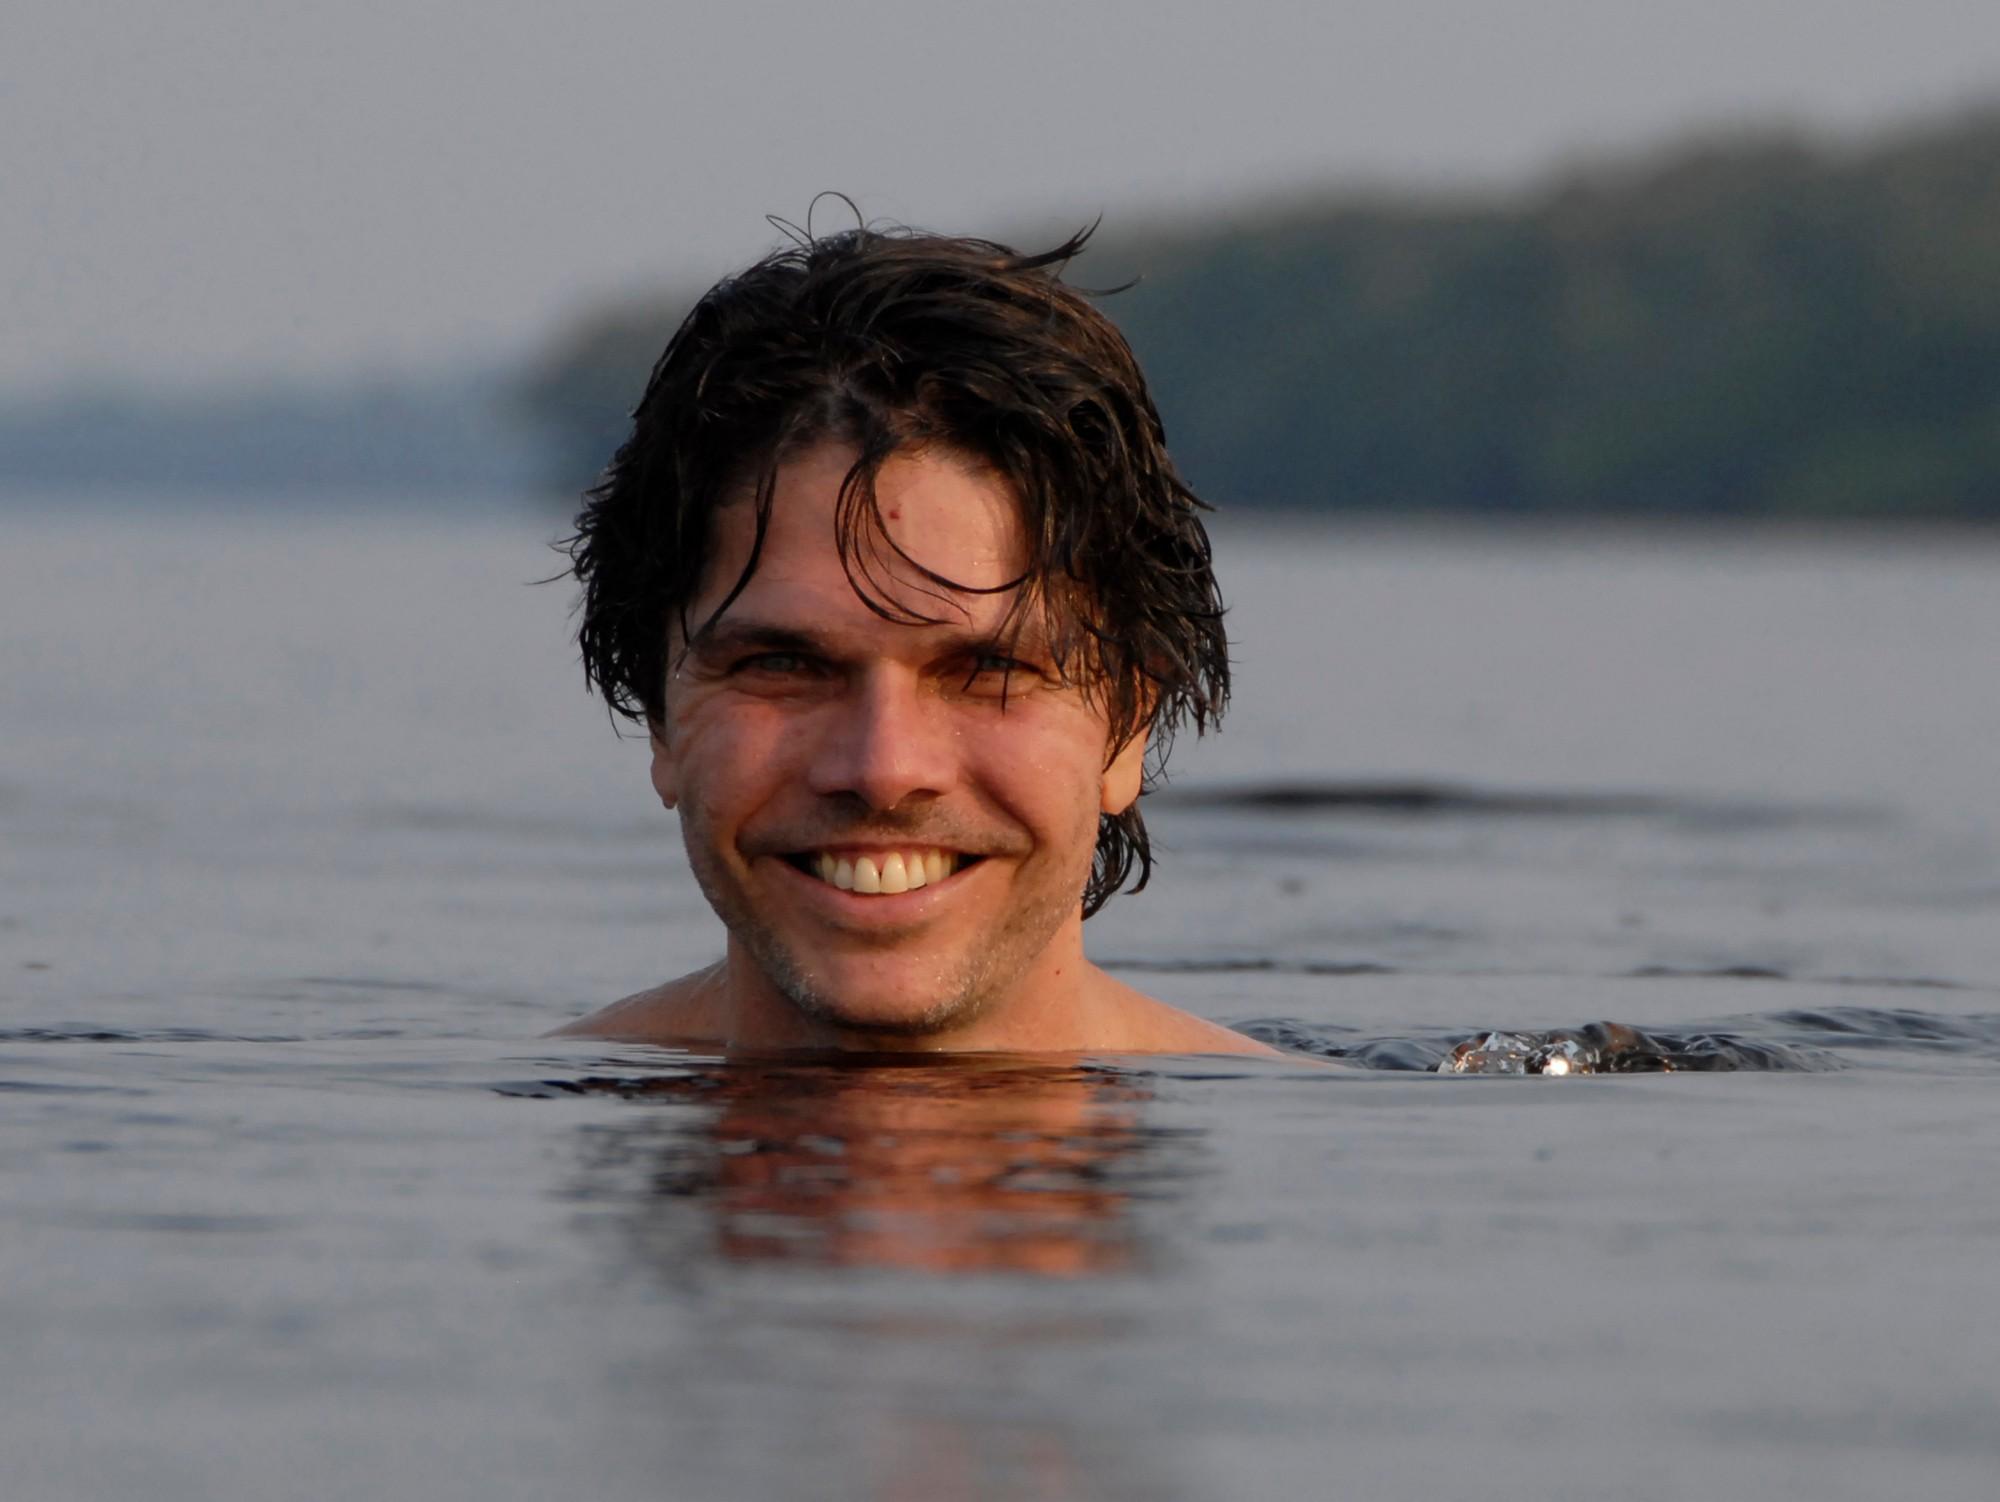 Claudio Soares